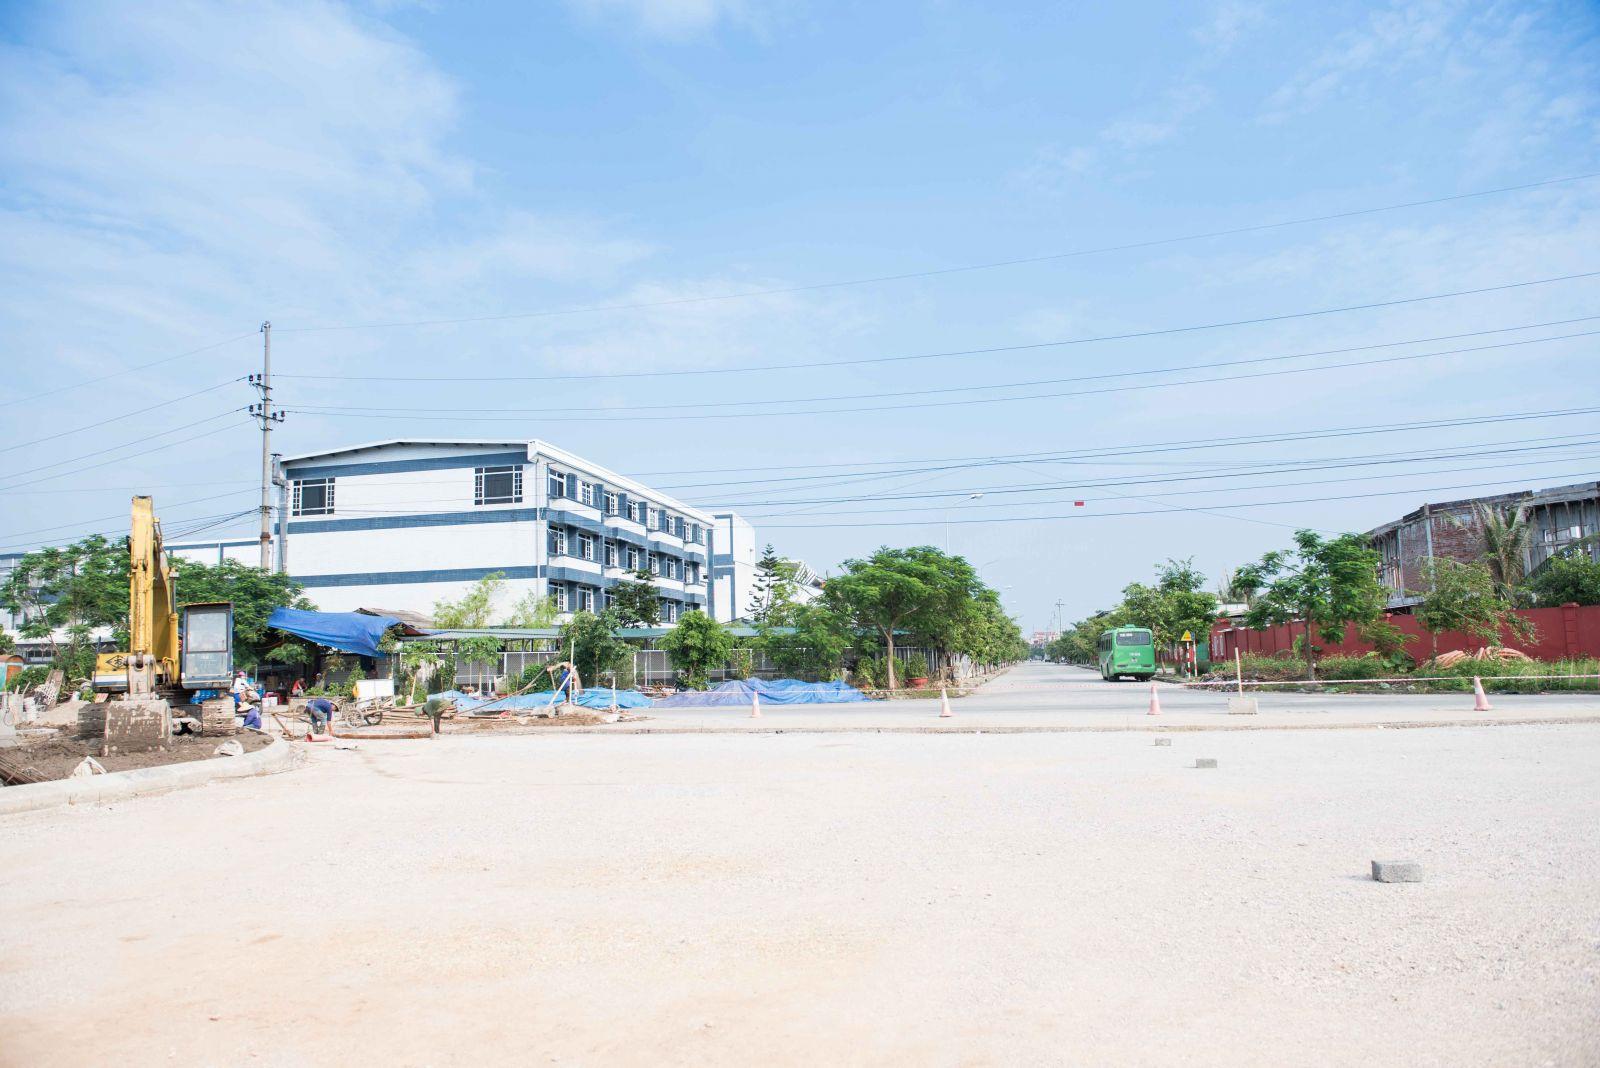 Nút giao Trần Thủ Độ Kỳ Đồng Thái Bình Dragon city 1